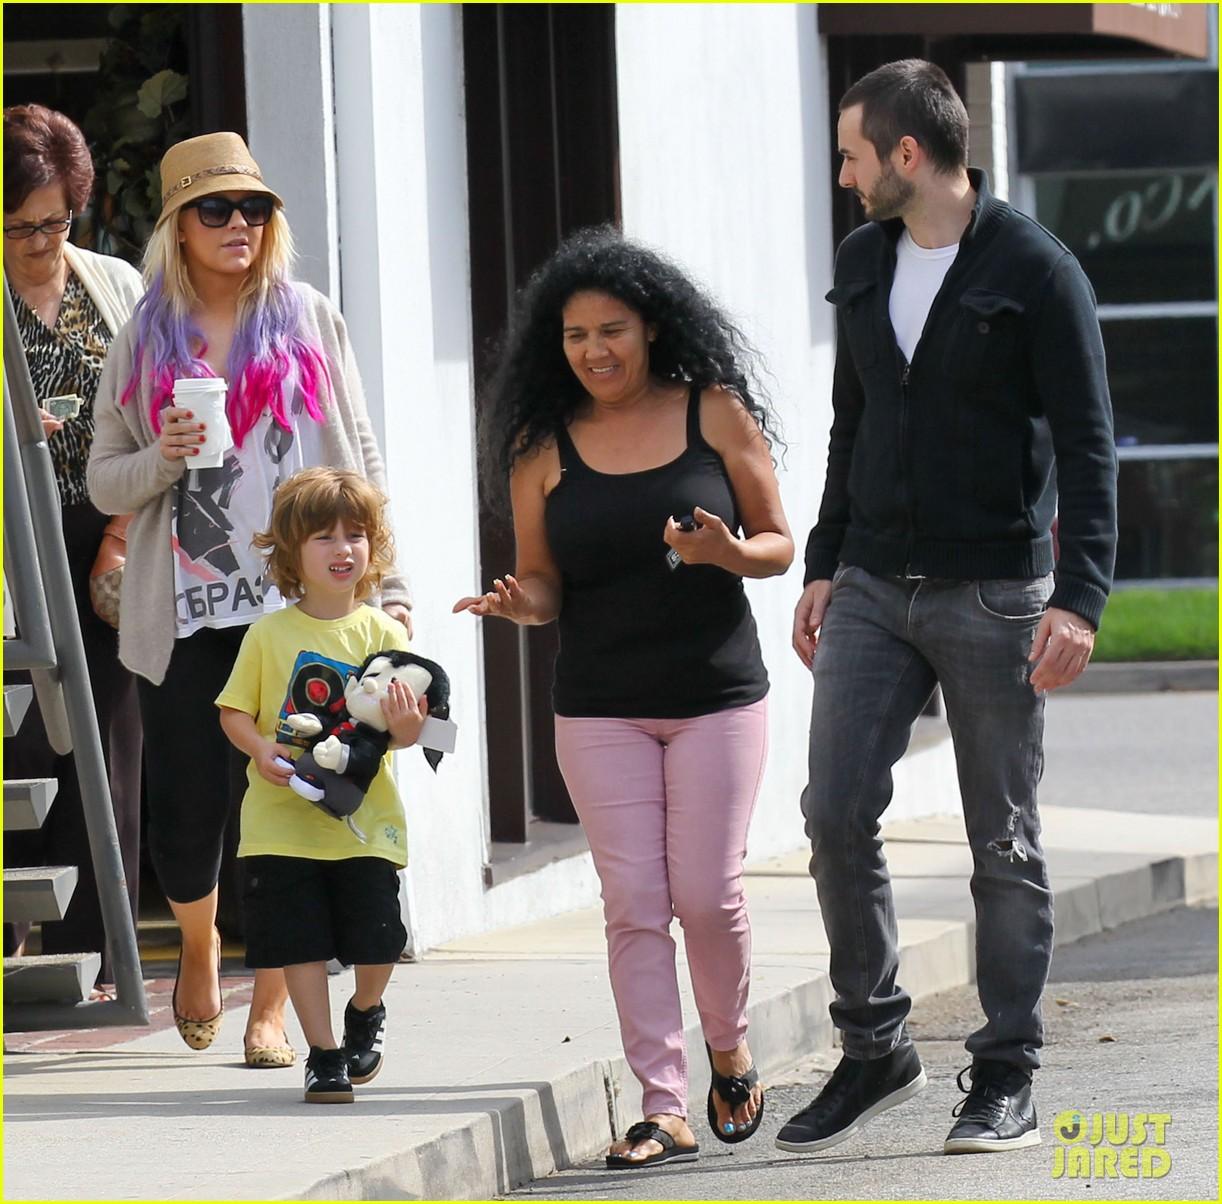 [Fotos] Christina Aguilera y Matthew Rutler: De compras con Max! (Sabado 6 octubre) Christina-aguilera-matthew-rutler-shopping-with-max-29